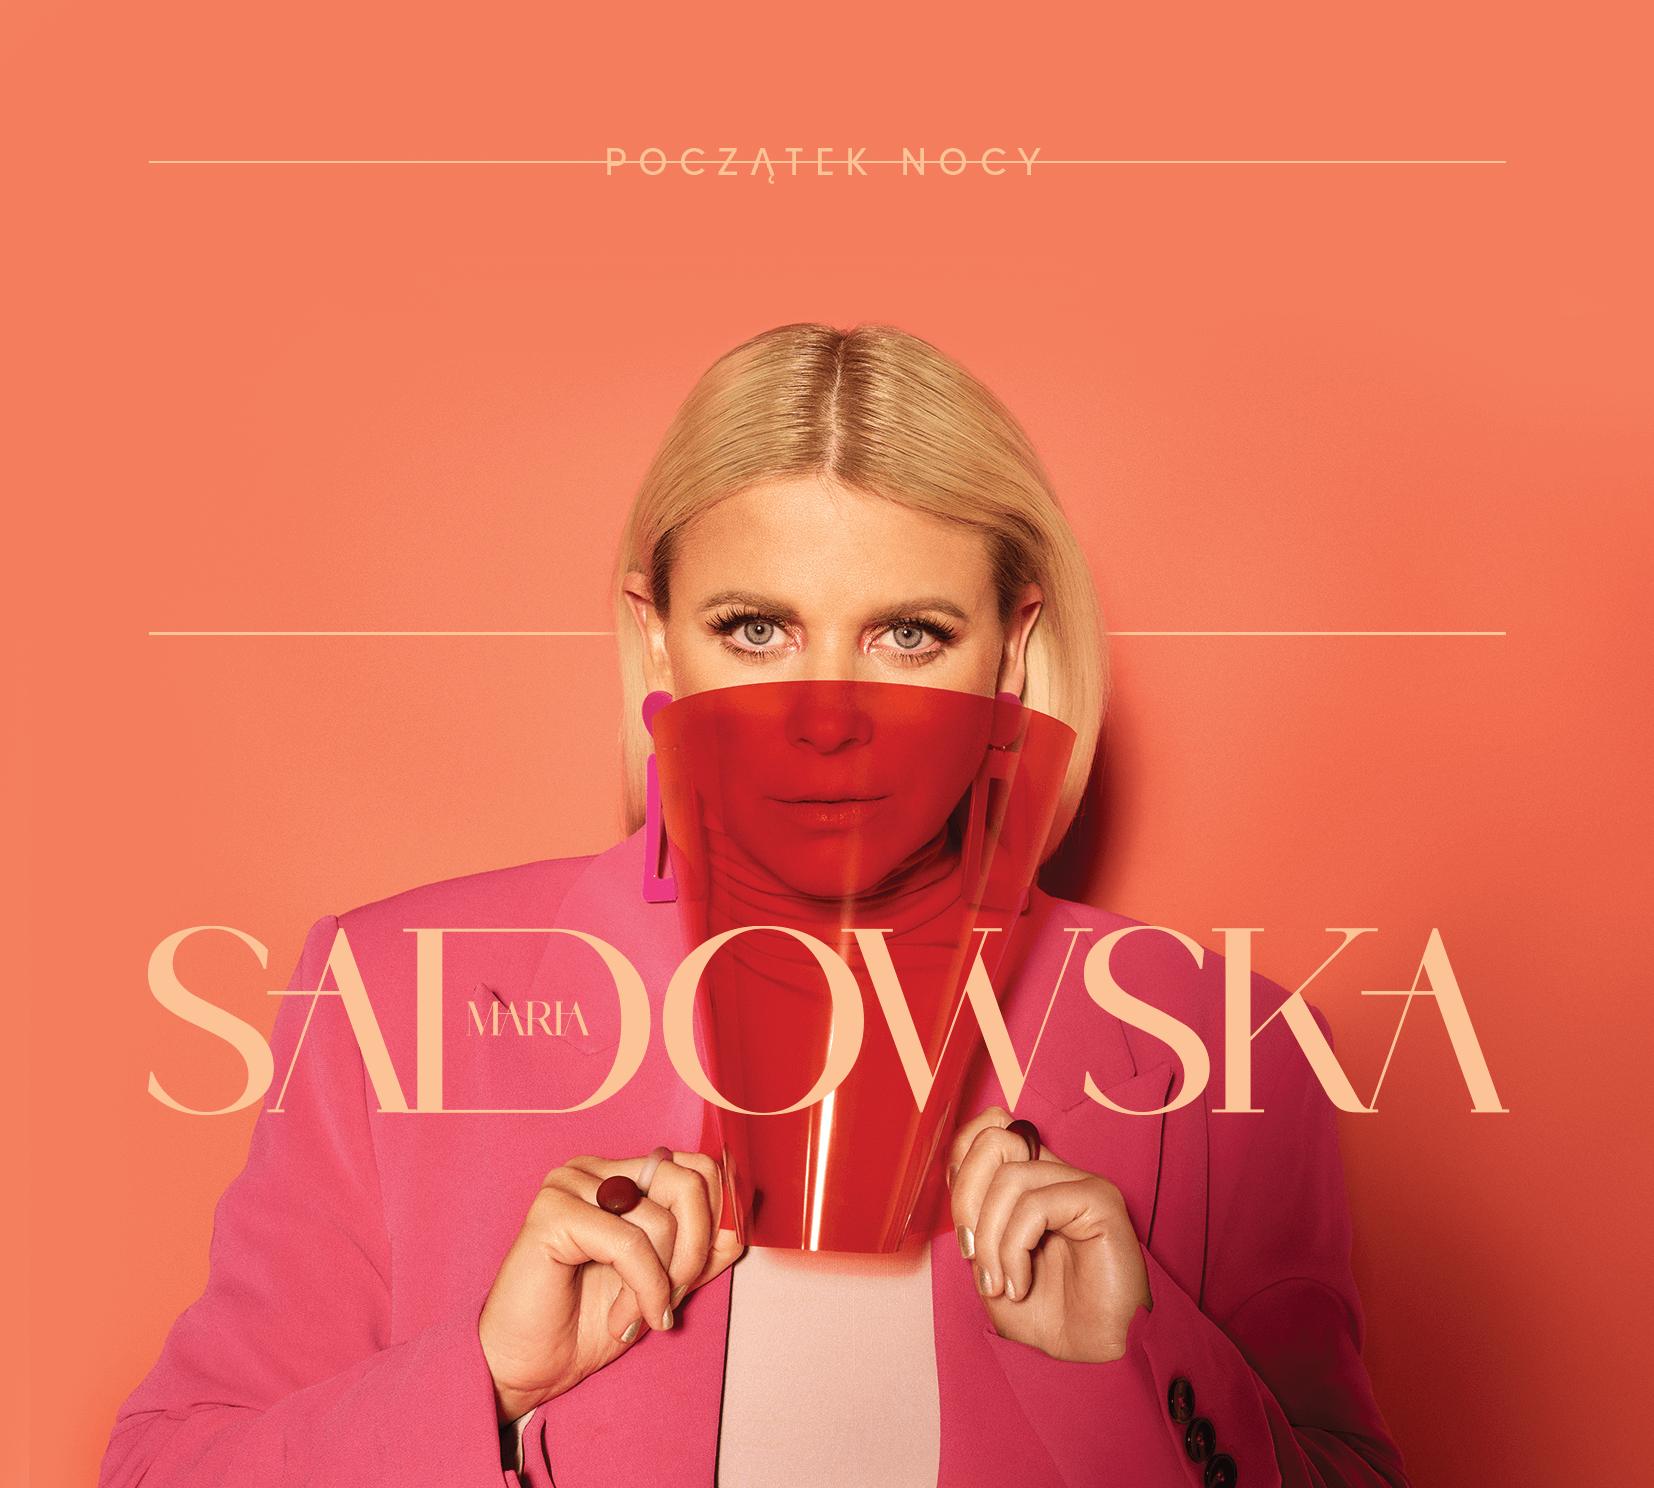 """2. Mariusz Mrotek / fotograf: Iza Grzybowska - Maria Sadowska """"Początek nocy"""""""